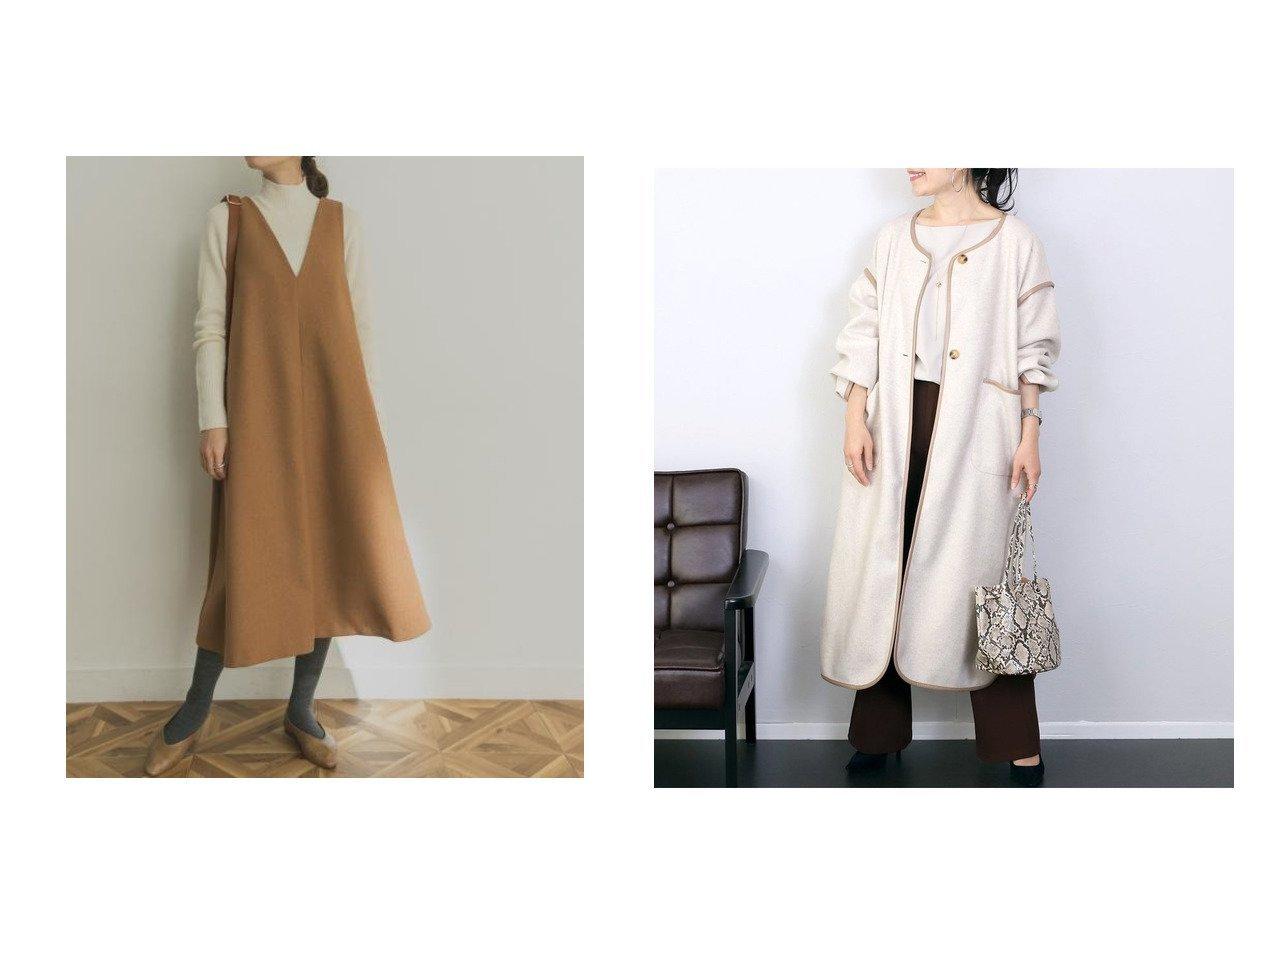 【URBAN RESEARCH/アーバンリサーチ】のヘリンボーンジャンパーOP&【Aletta Vita/アレッタ】のノーカラーパイピングガウンコート おすすめ!人気、トレンド・レディースファッションの通販 おすすめで人気の流行・トレンド、ファッションの通販商品 メンズファッション・キッズファッション・インテリア・家具・レディースファッション・服の通販 founy(ファニー) https://founy.com/ ファッション Fashion レディースファッション WOMEN ワンピース Dress アウター Coat Outerwear コート Coats インナー 秋 ショート スニーカー トレンド 人気 ハイネック フラット ヘリンボーン ポケット ミドル リブニット ロング |ID:crp329100000008860